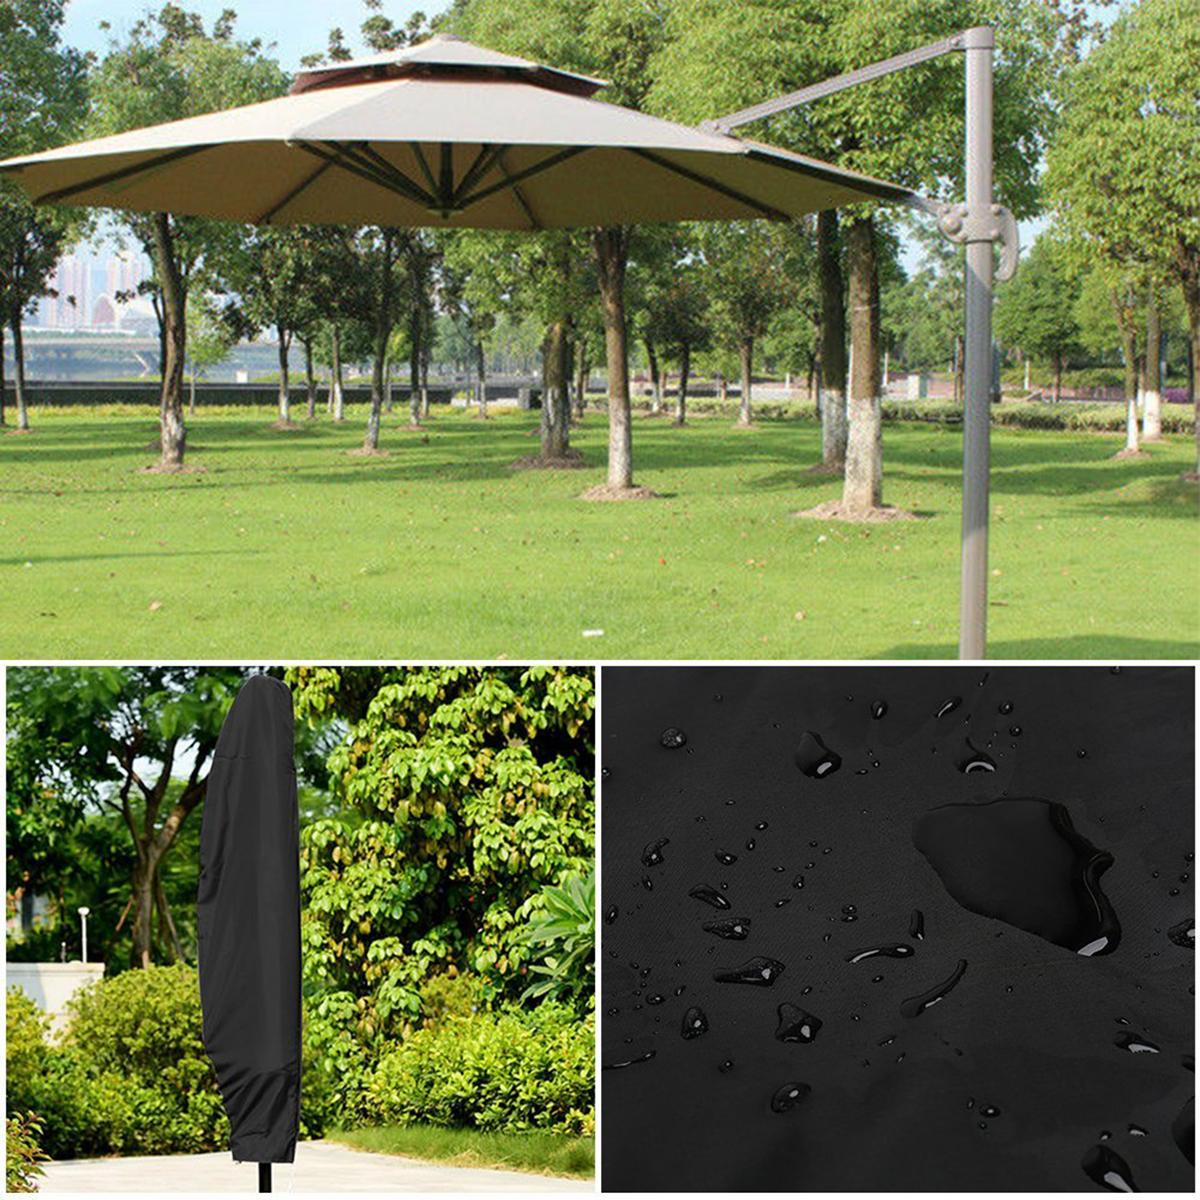 Garden Banana Umbrella Cover Outdoor Weatherproof Patio Cantilever Parasol